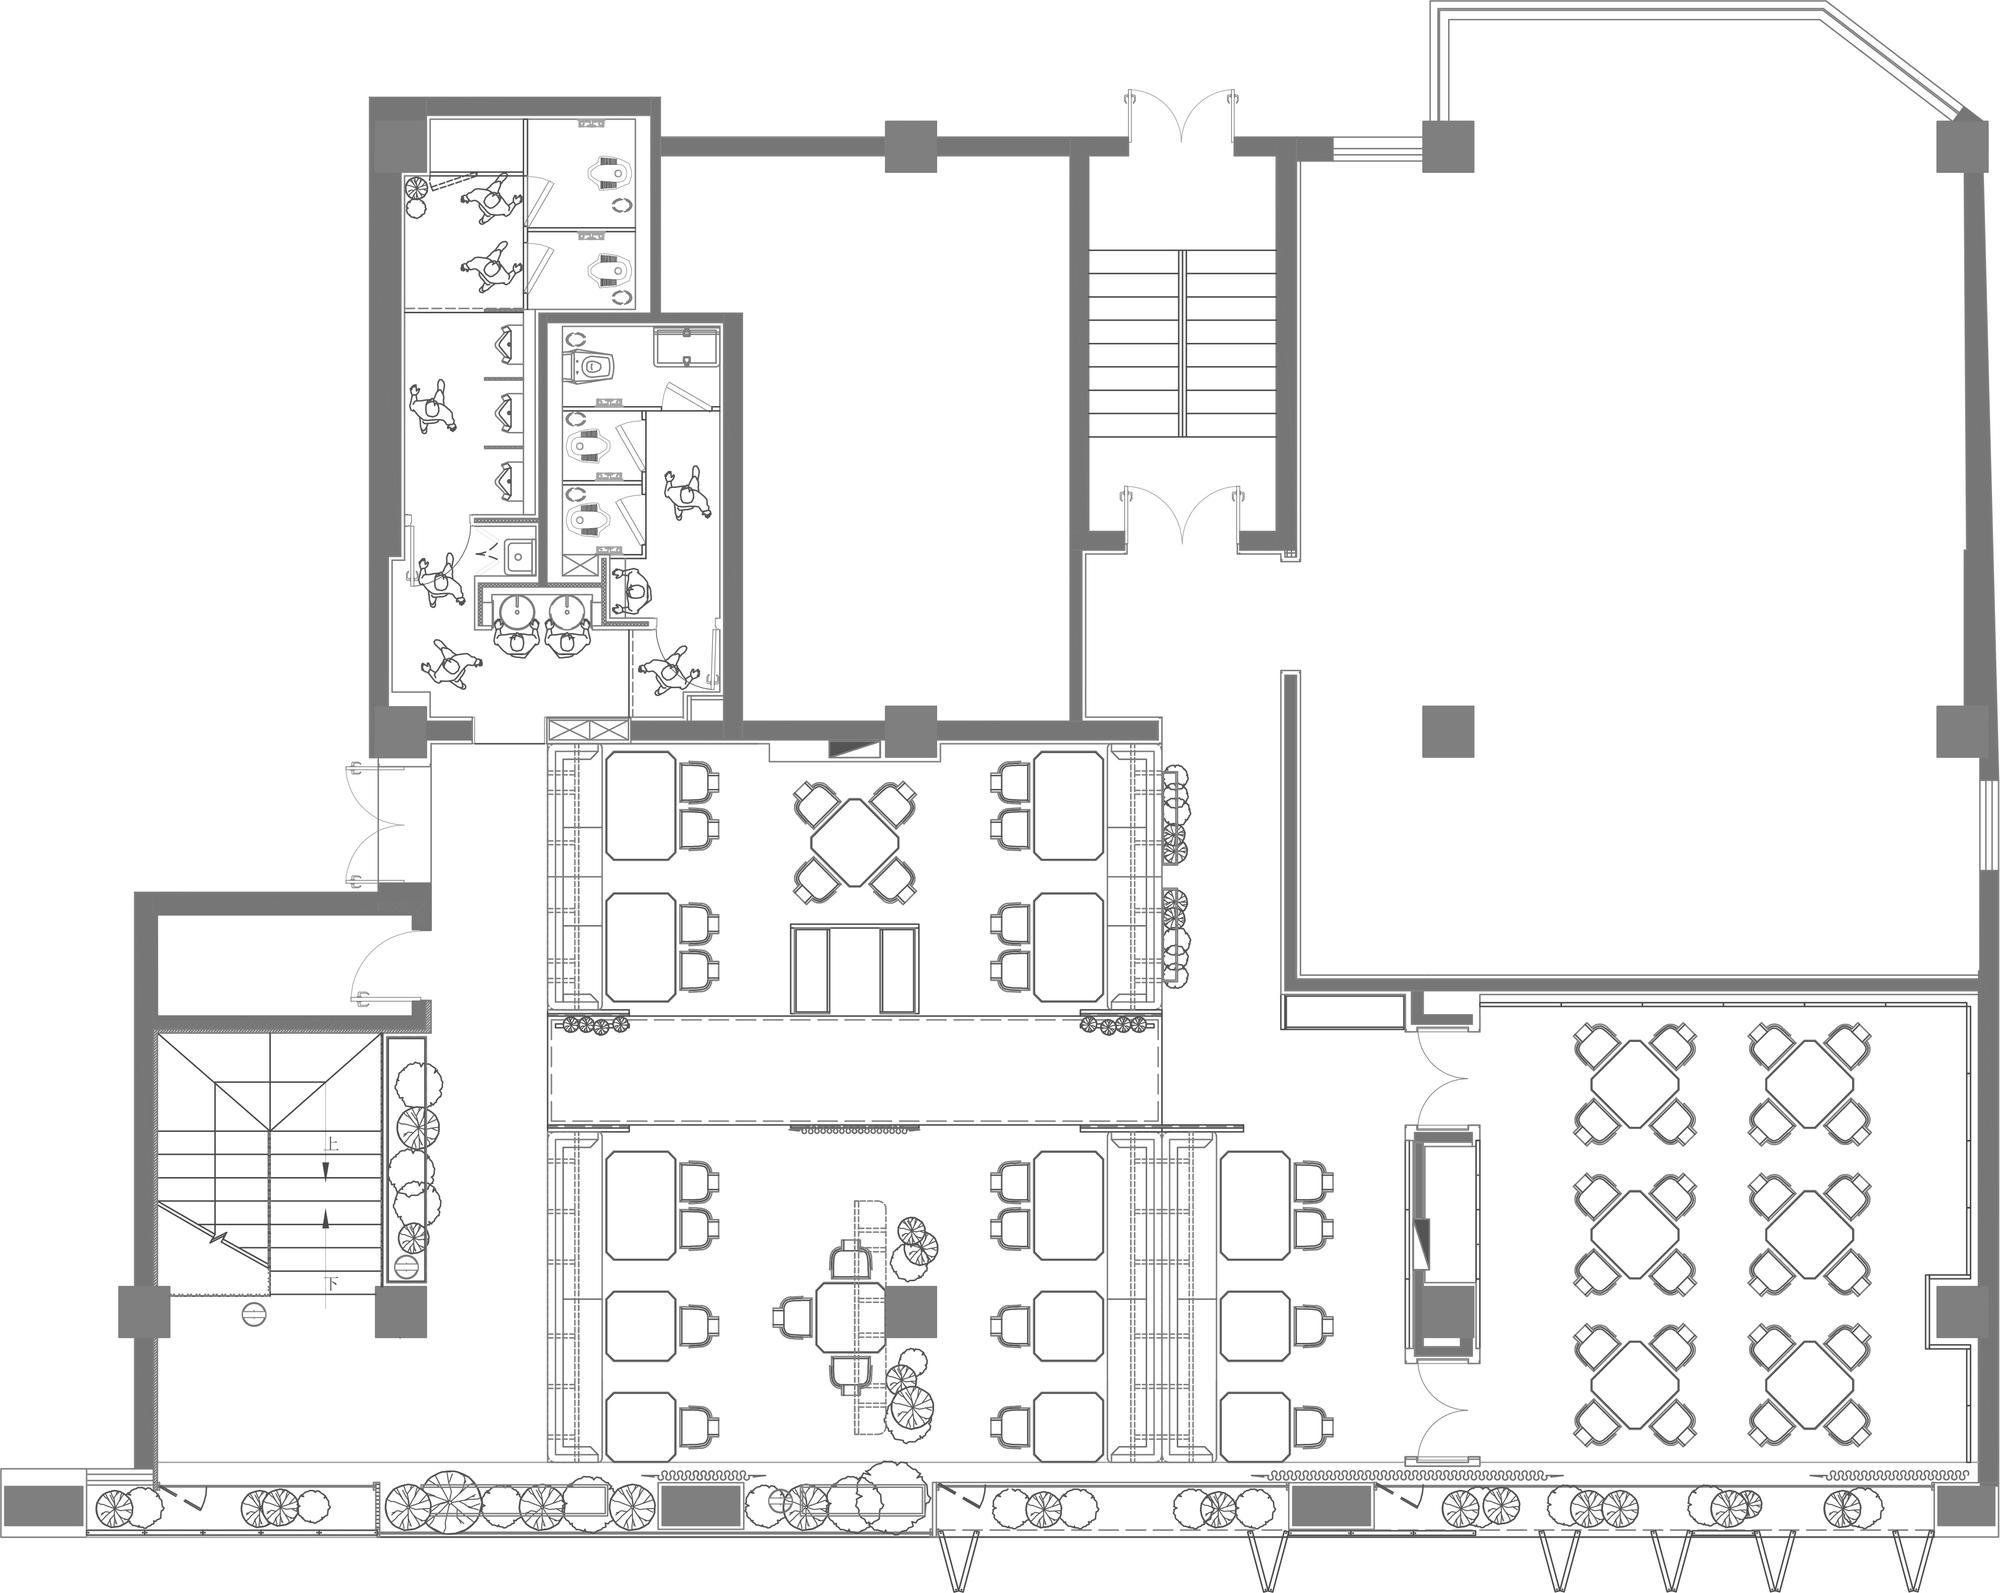 mas kitchen chengdu hummingbird design consultant co ltd - Design Consultant